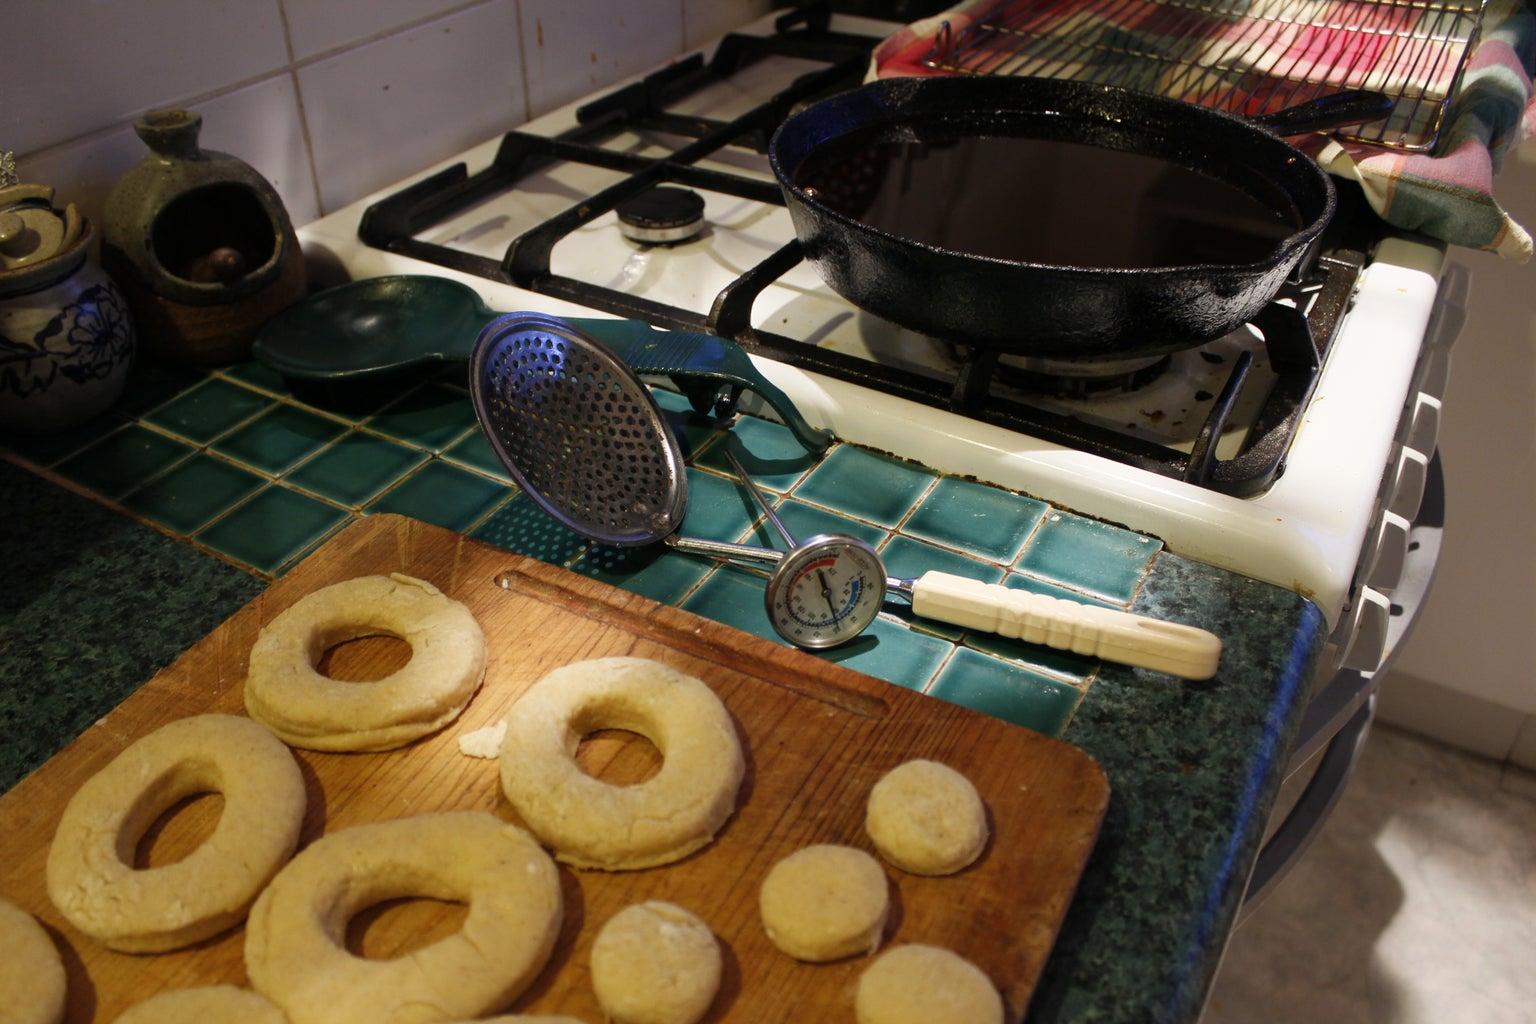 Frying Cake Doughnuts 101